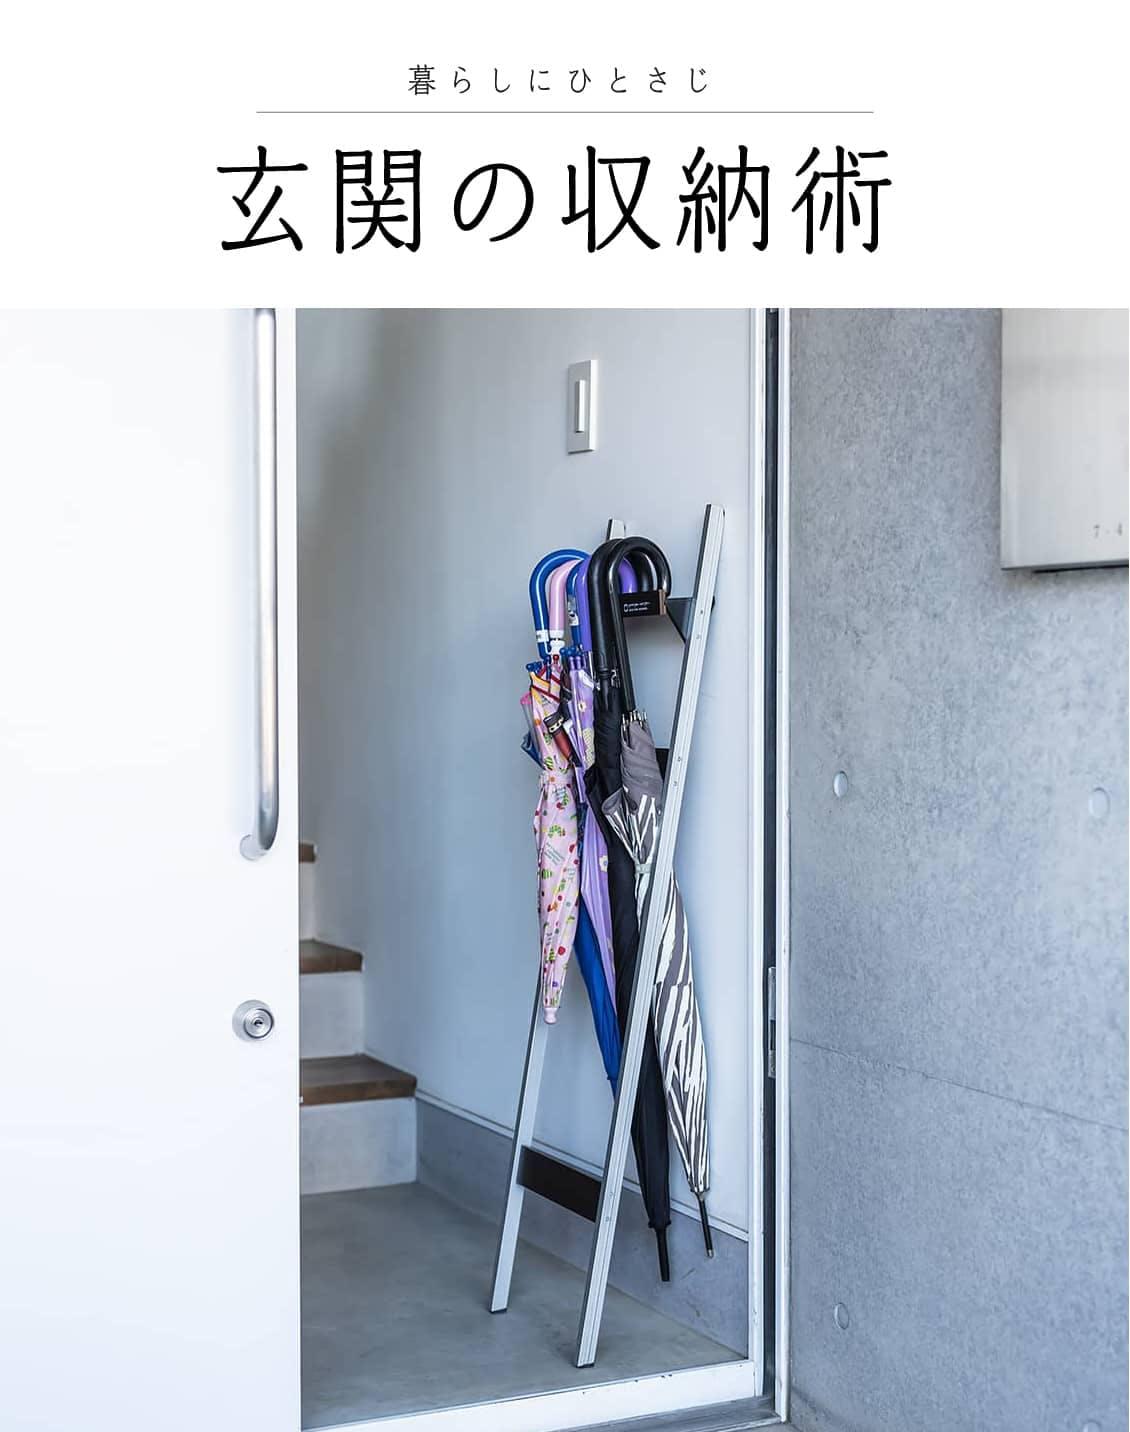 玄関の収納アイデア!インテリアをおしゃれに見せるプロの収納術